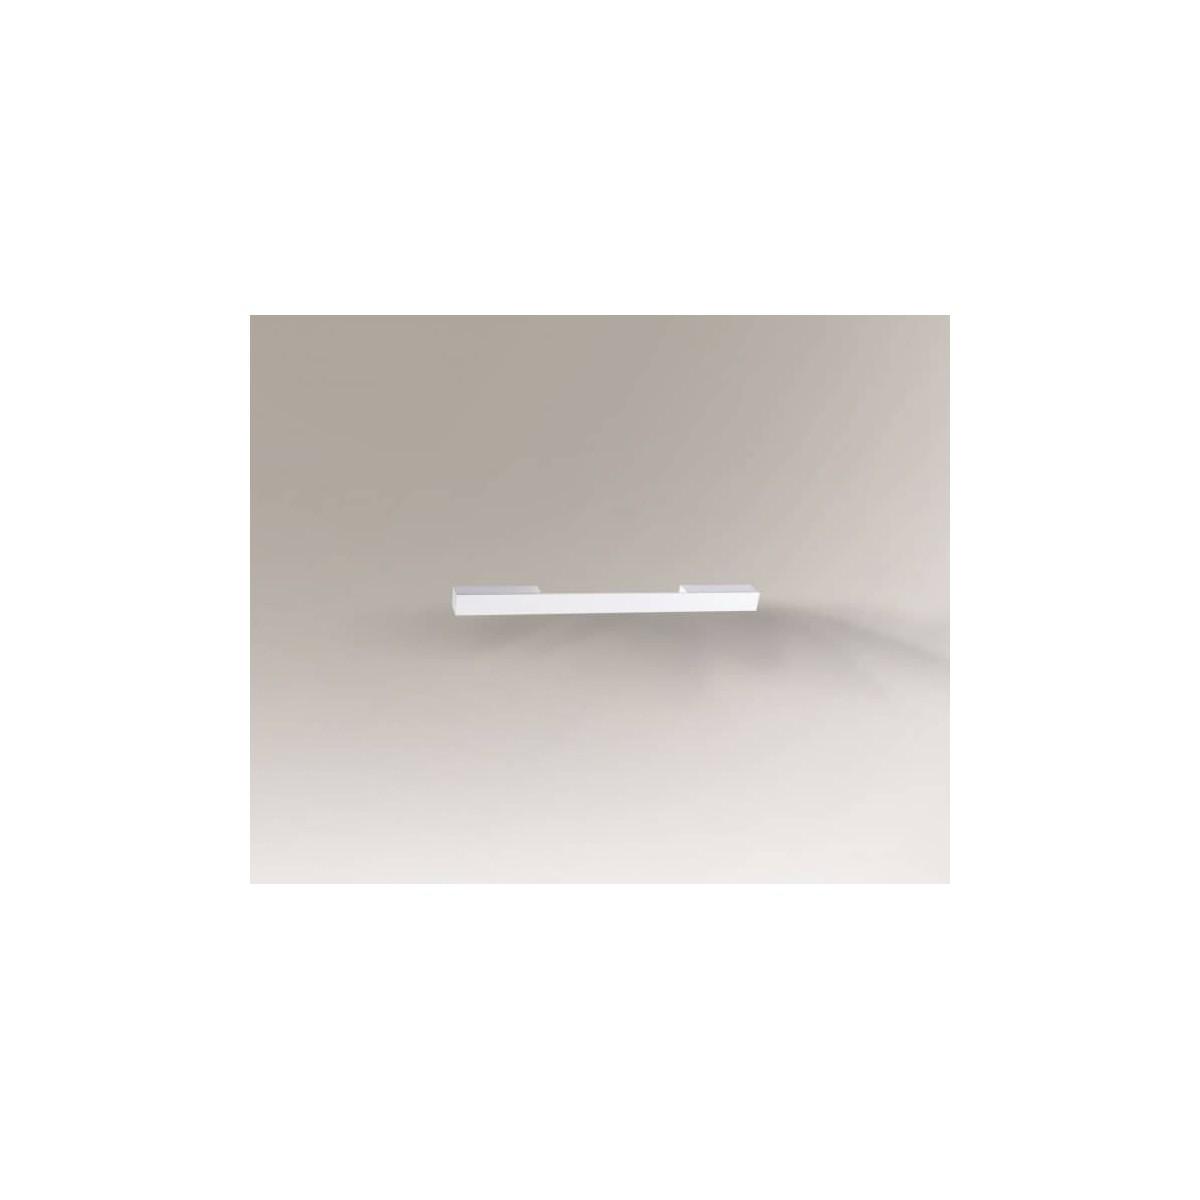 Shilo TENDO LED 12,4W 1485lm CRI90 biały kinkiet 7473